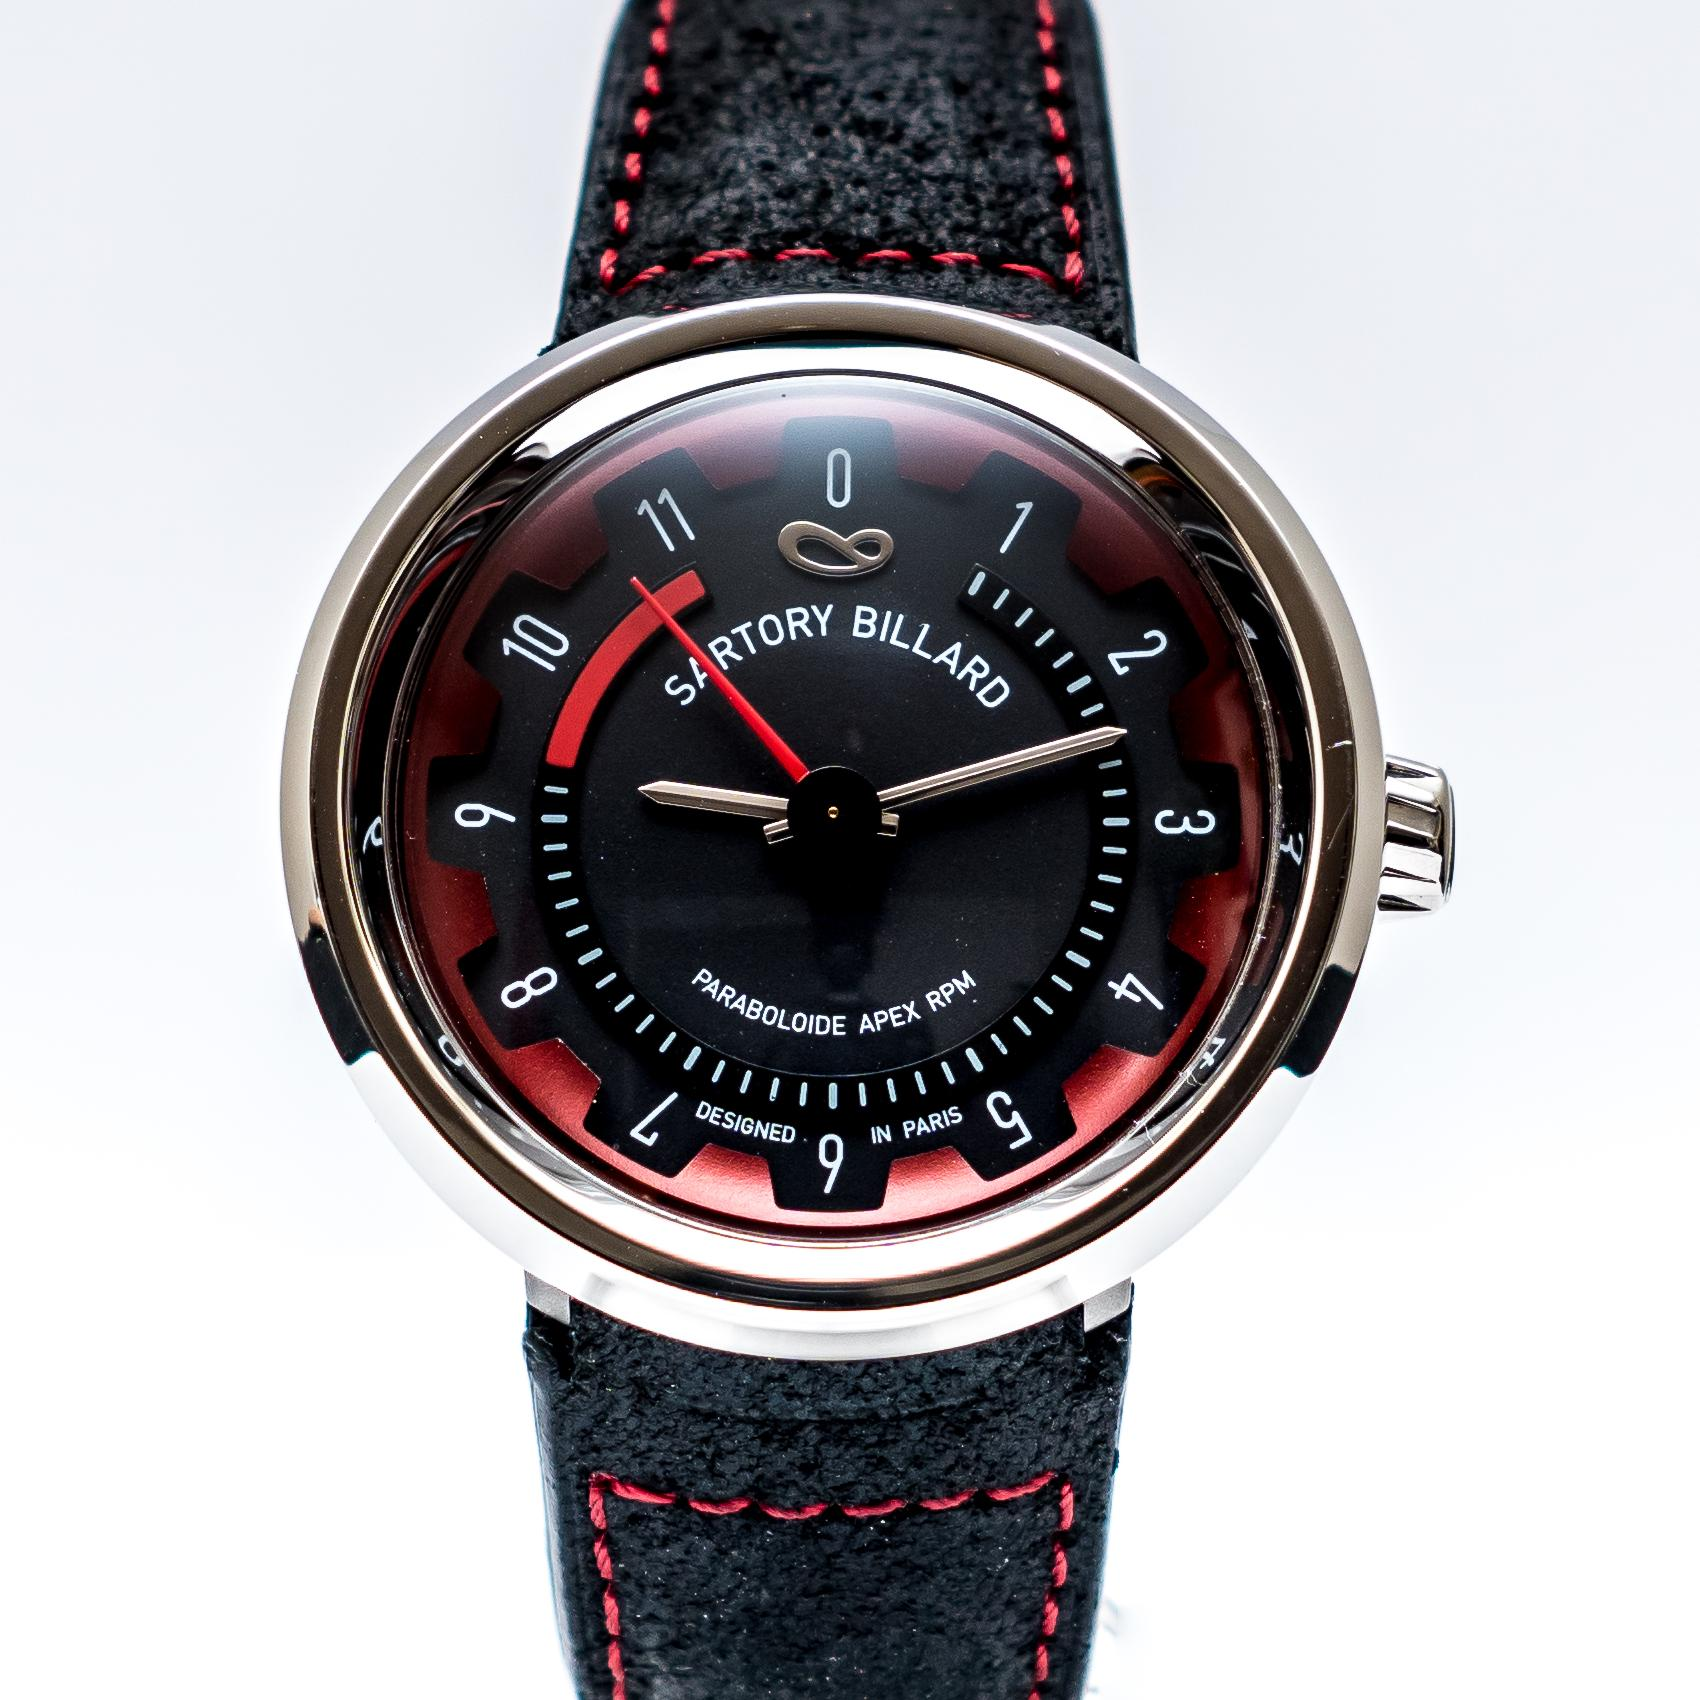 sartory - Naissance d'une nouvelle montre française : SARTORY BILLARD RPM01 - Page 2 SARTORY-BILLARD-fond-blanc-face-boucl%C3%A9e-zoom